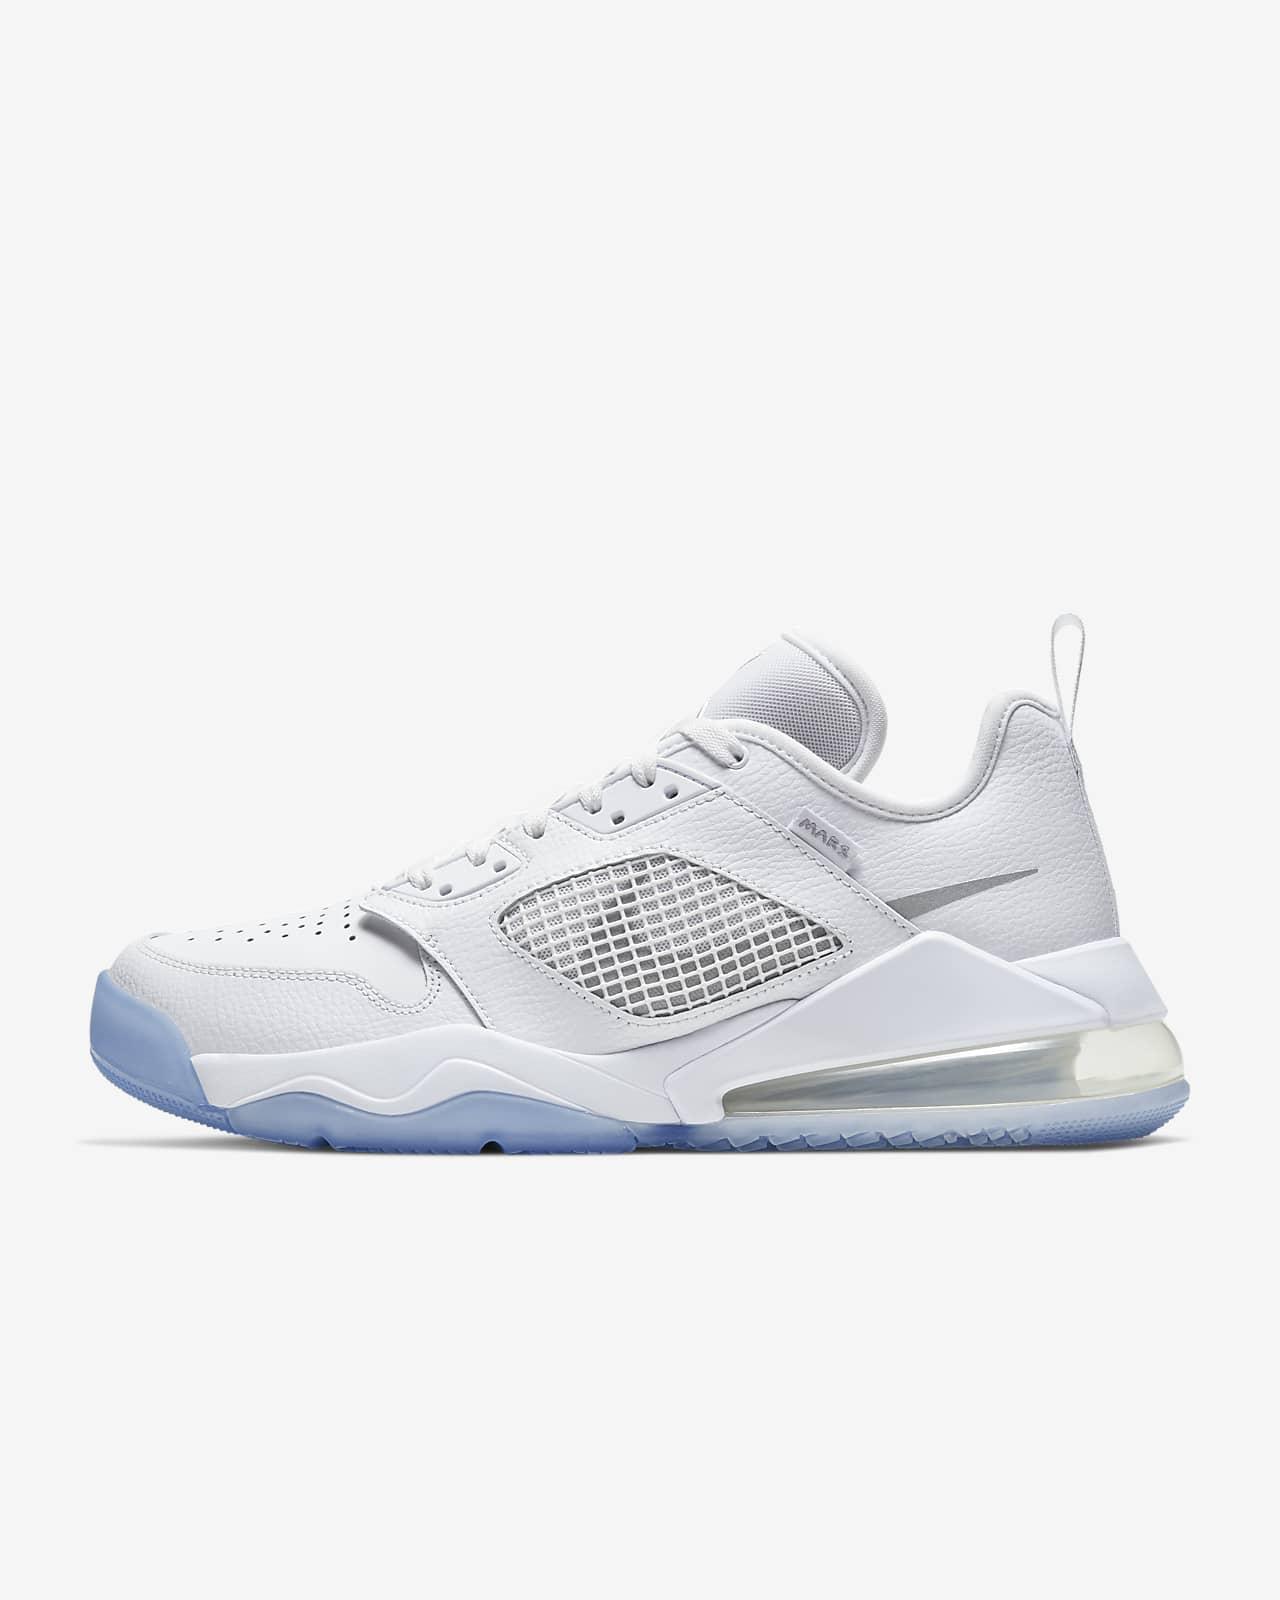 Chaussure Jordan Mars 270 Low pour Homme